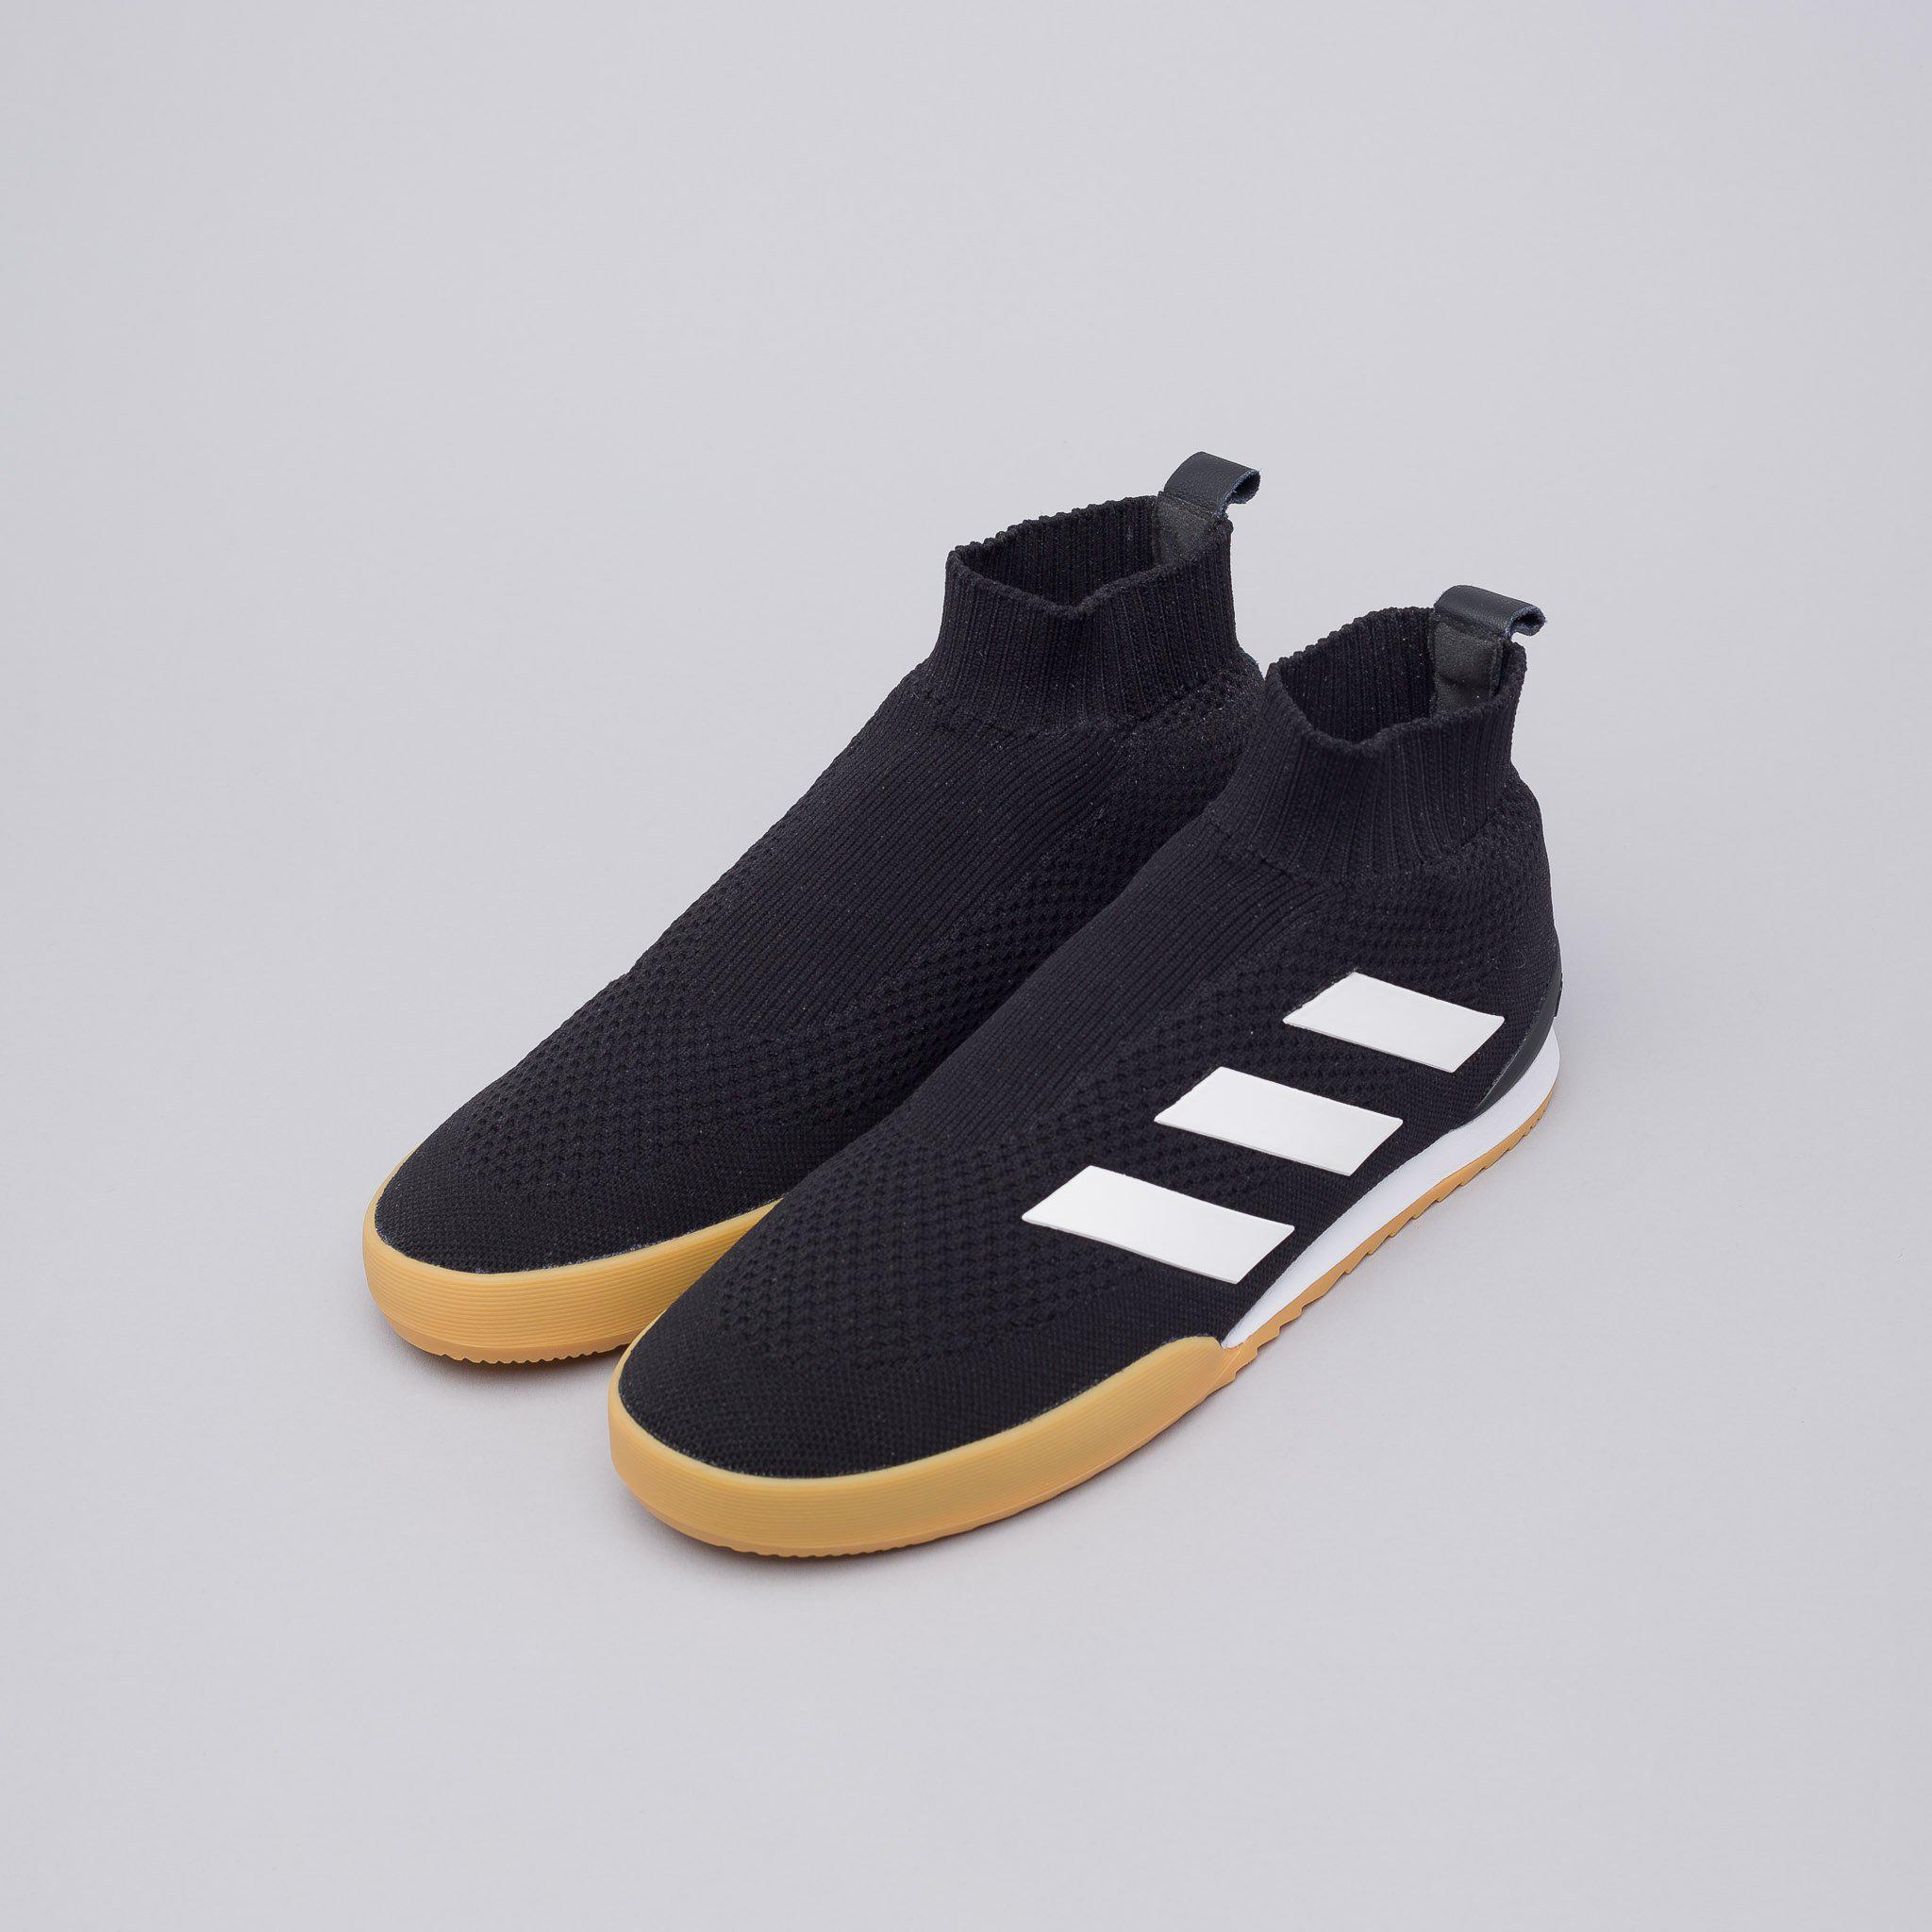 dfa4fe6327d Black Super Shoes Gosha Adidas X Lyst In Ace Rubchinskiy XxYwgqq8